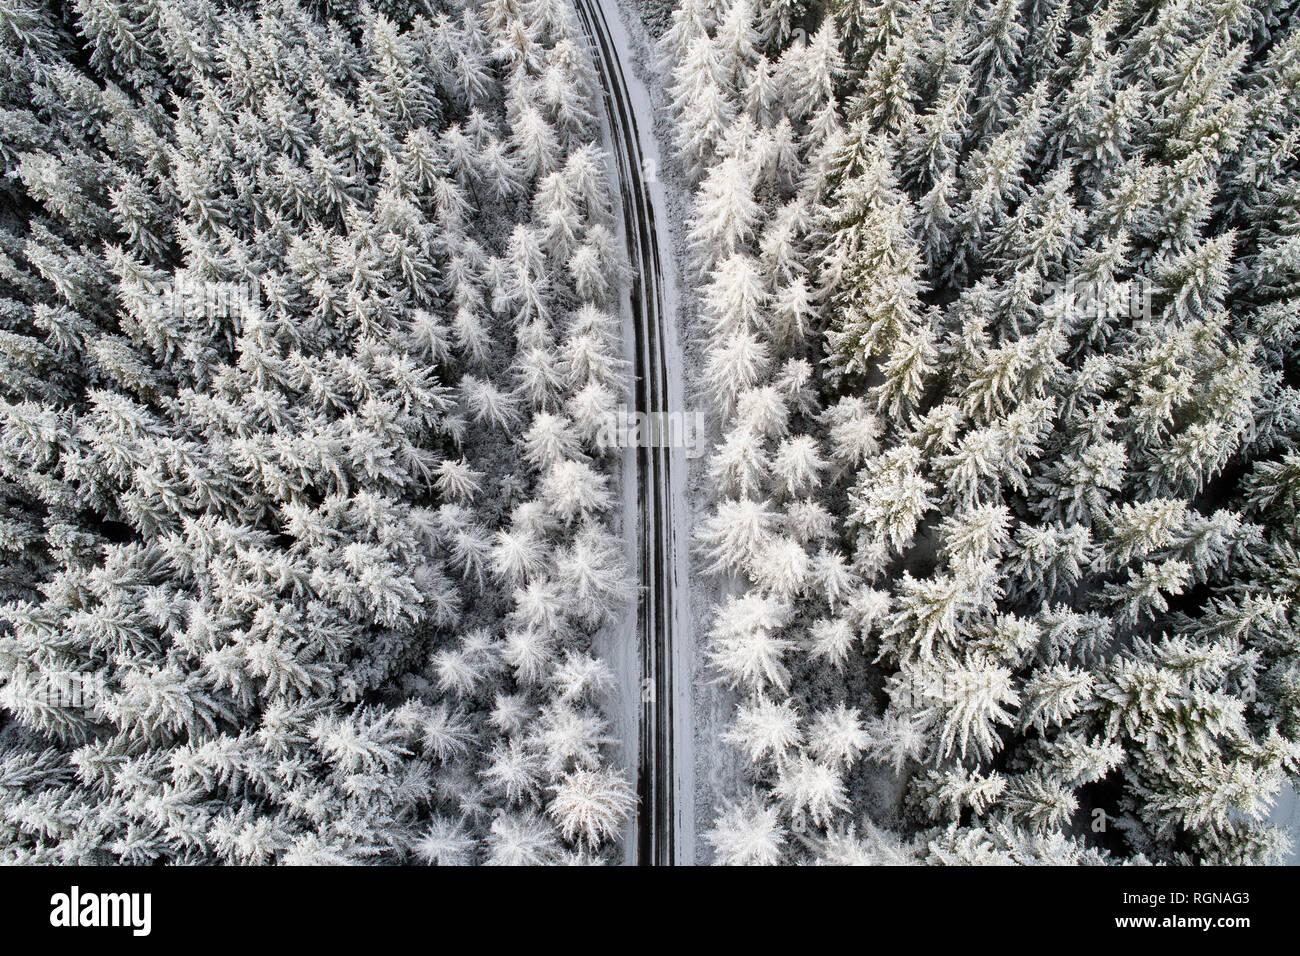 Scotland, snow on pine trees, empty road Stock Photo